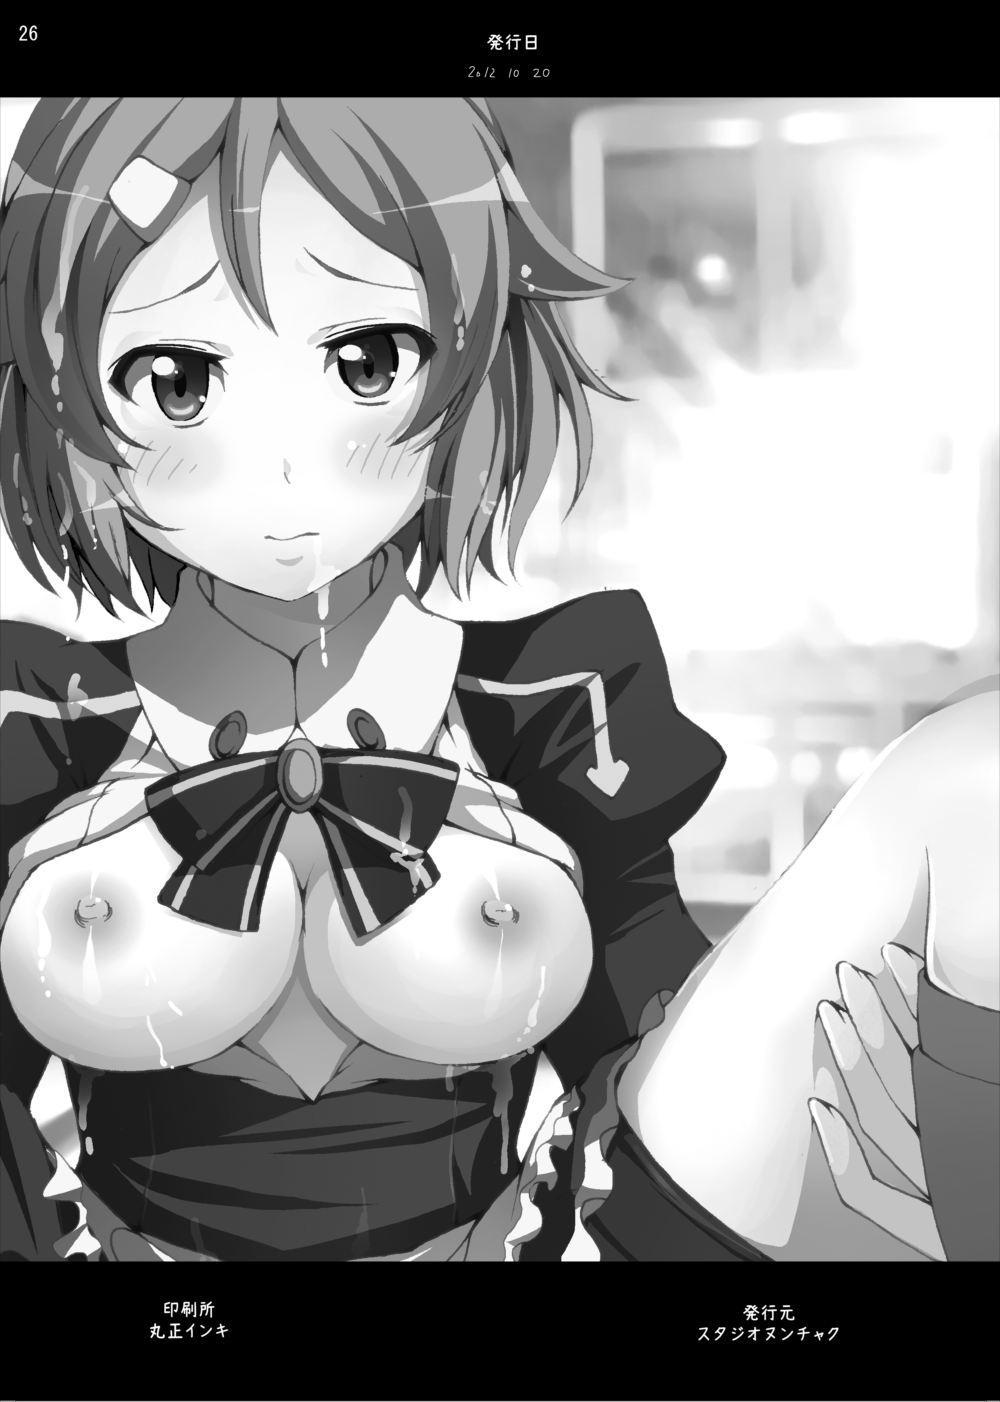 Lizbeth no Ketsui... Kiken na Kusuri wo Tsukatte demo Asuna kara Kirito wo Ubatte Miseru... 25